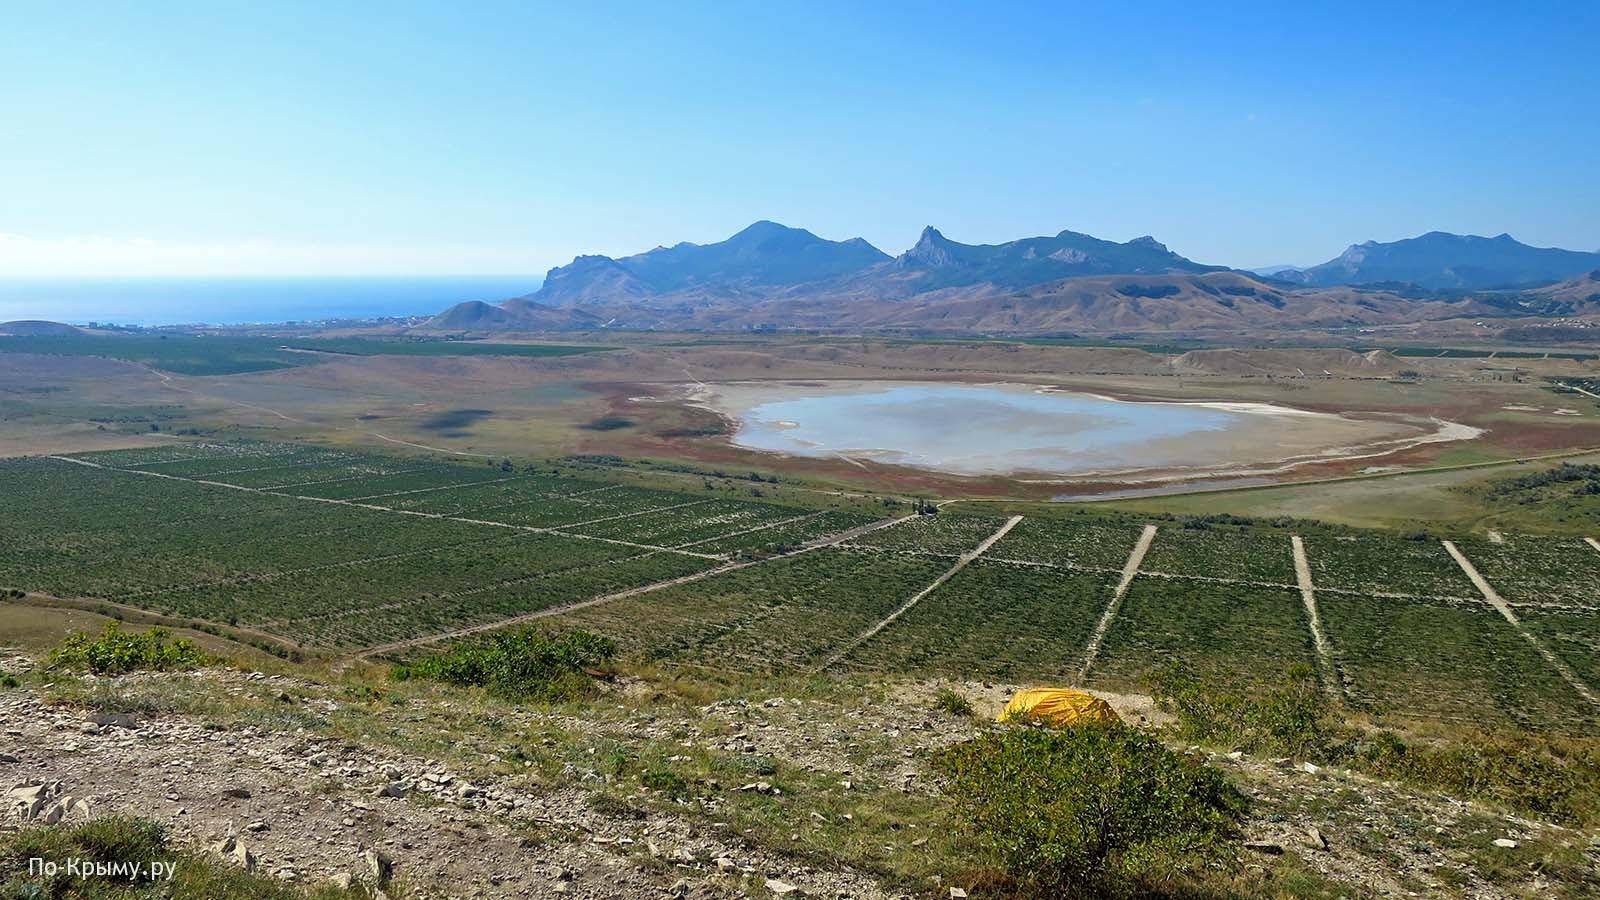 Вид с горы Узун-Сырт - Кара-Даг и озеро Бараколь